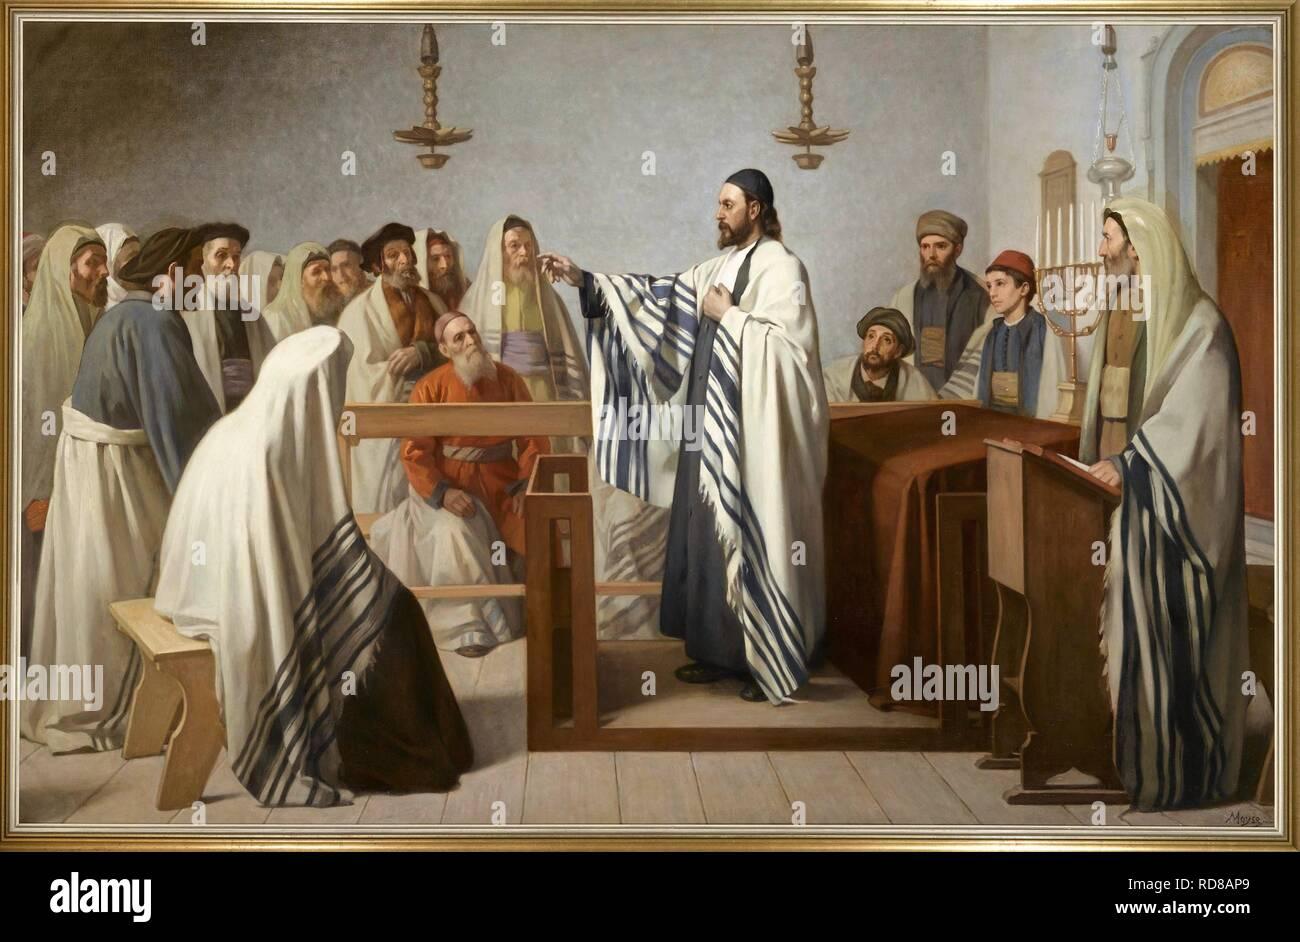 Sermón en un oratorio israelita (Sermón dans onu oratoire israélite). Museo: Musée d'art et d'histoire du judaïsme, París. Autor: MOYSE Edouard. Foto de stock